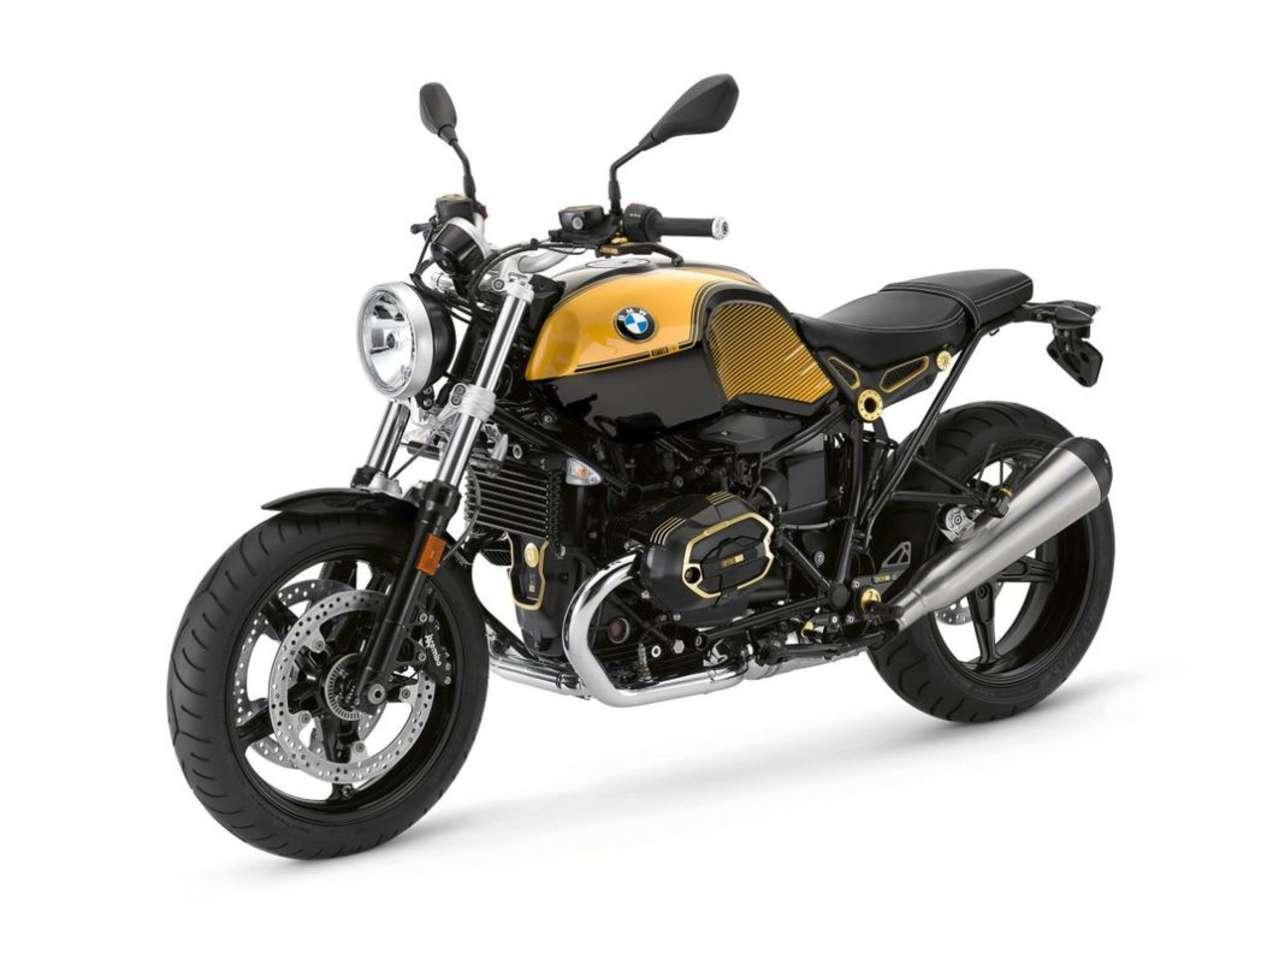 Bmw Motorrad 2019 Farben Und Ausstattung Motorradneuheiten 2019 Buntes Bei Bmw